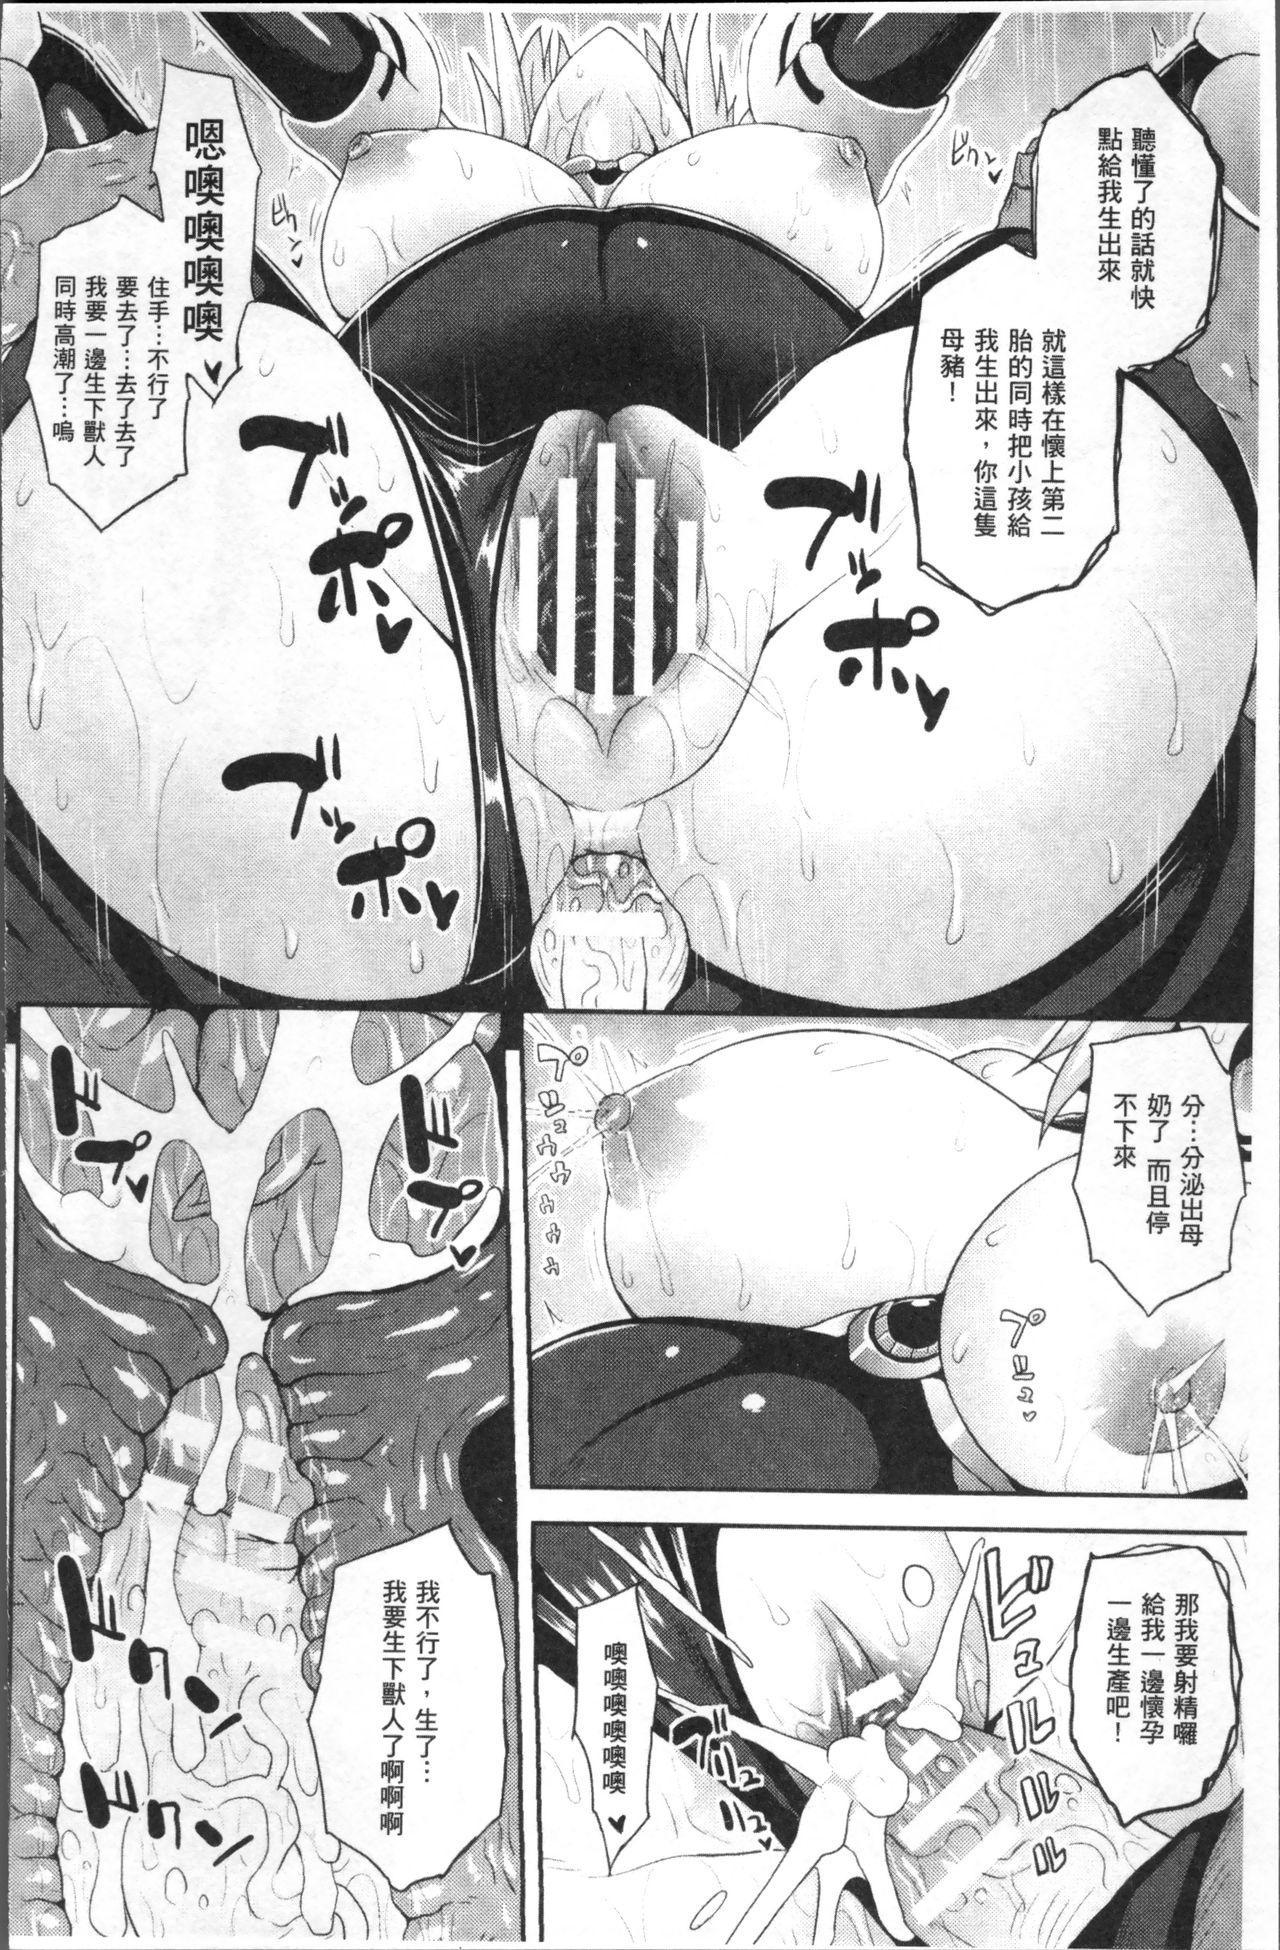 Bessatsu Comic Unreal Ningen Bokujou Hen 4 91